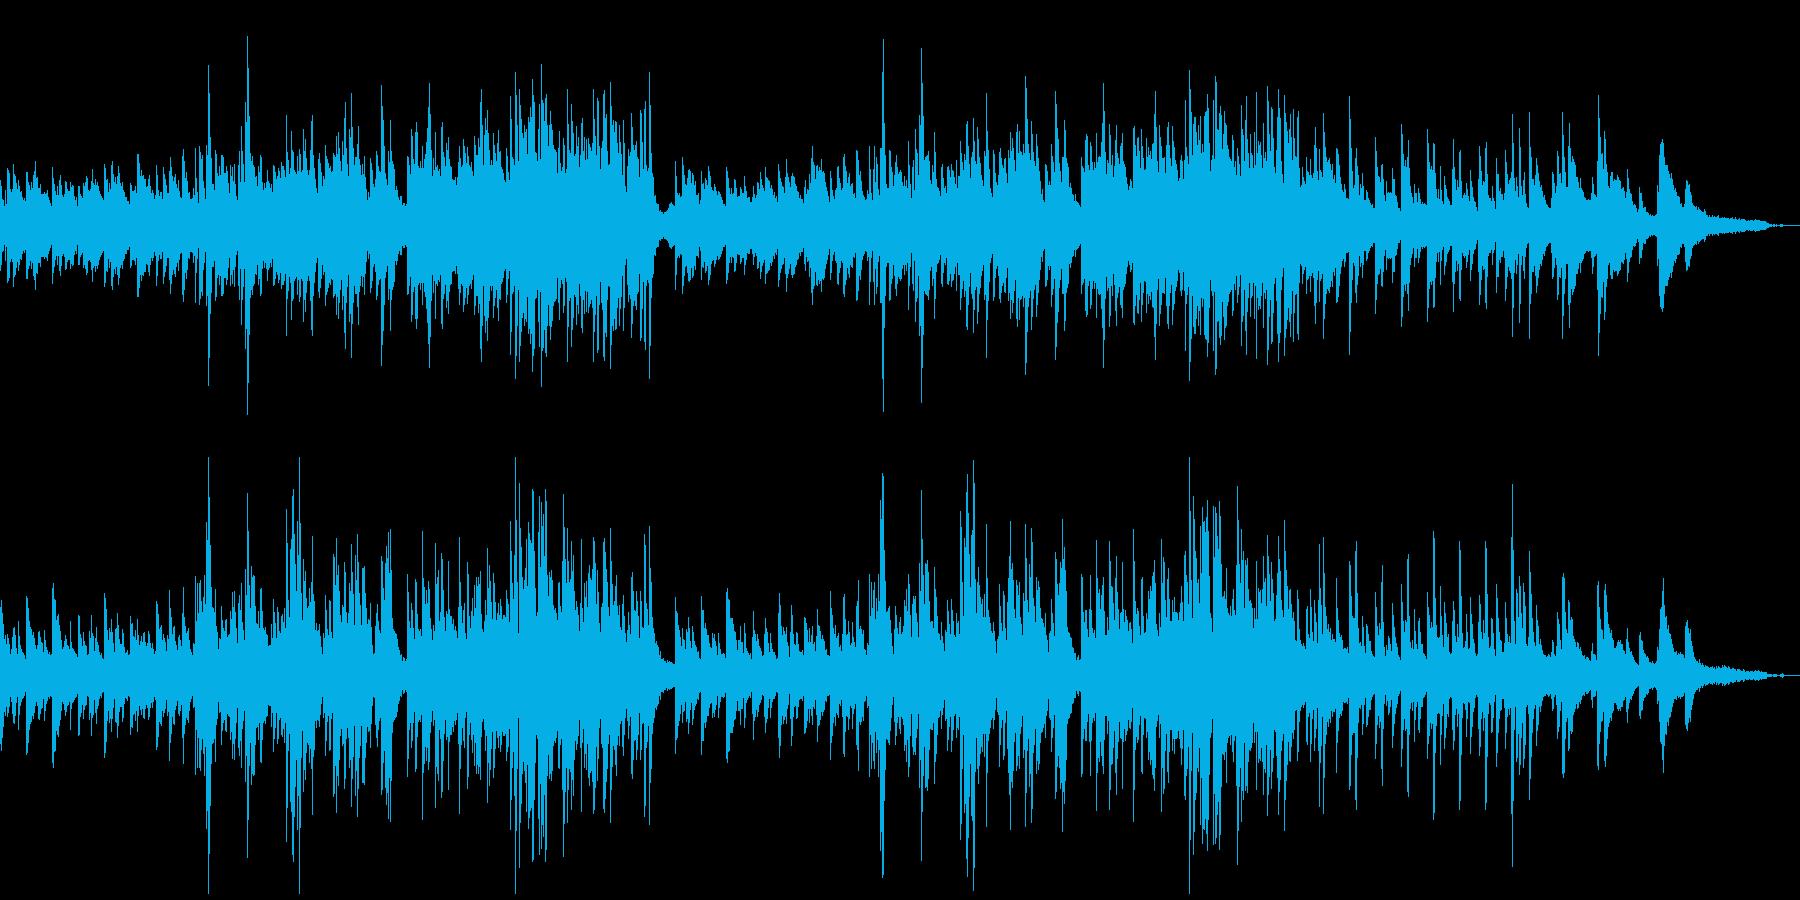 ナレーションによく合うピアノソロの再生済みの波形